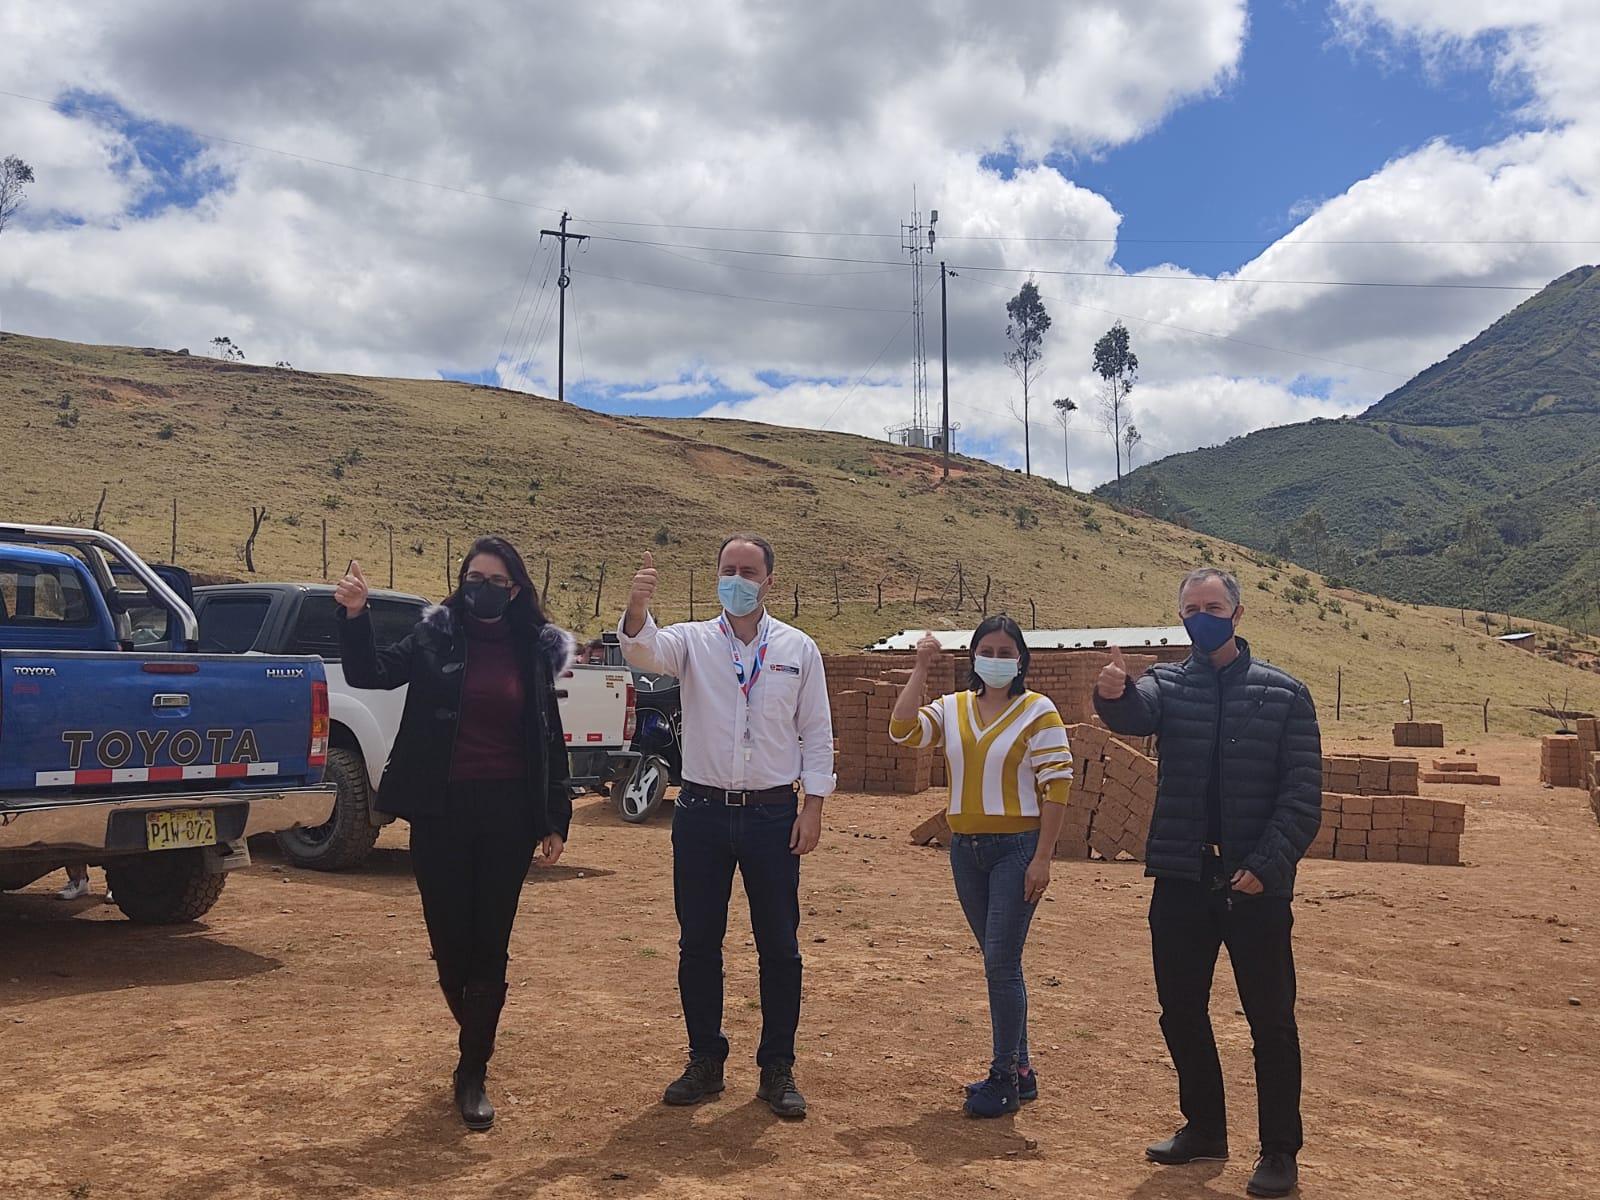 Centro poblado Cochayuc de Piura contará con servicio de voz móvil e internet de alta velocidad por primera vez gracias al MTC y Entel